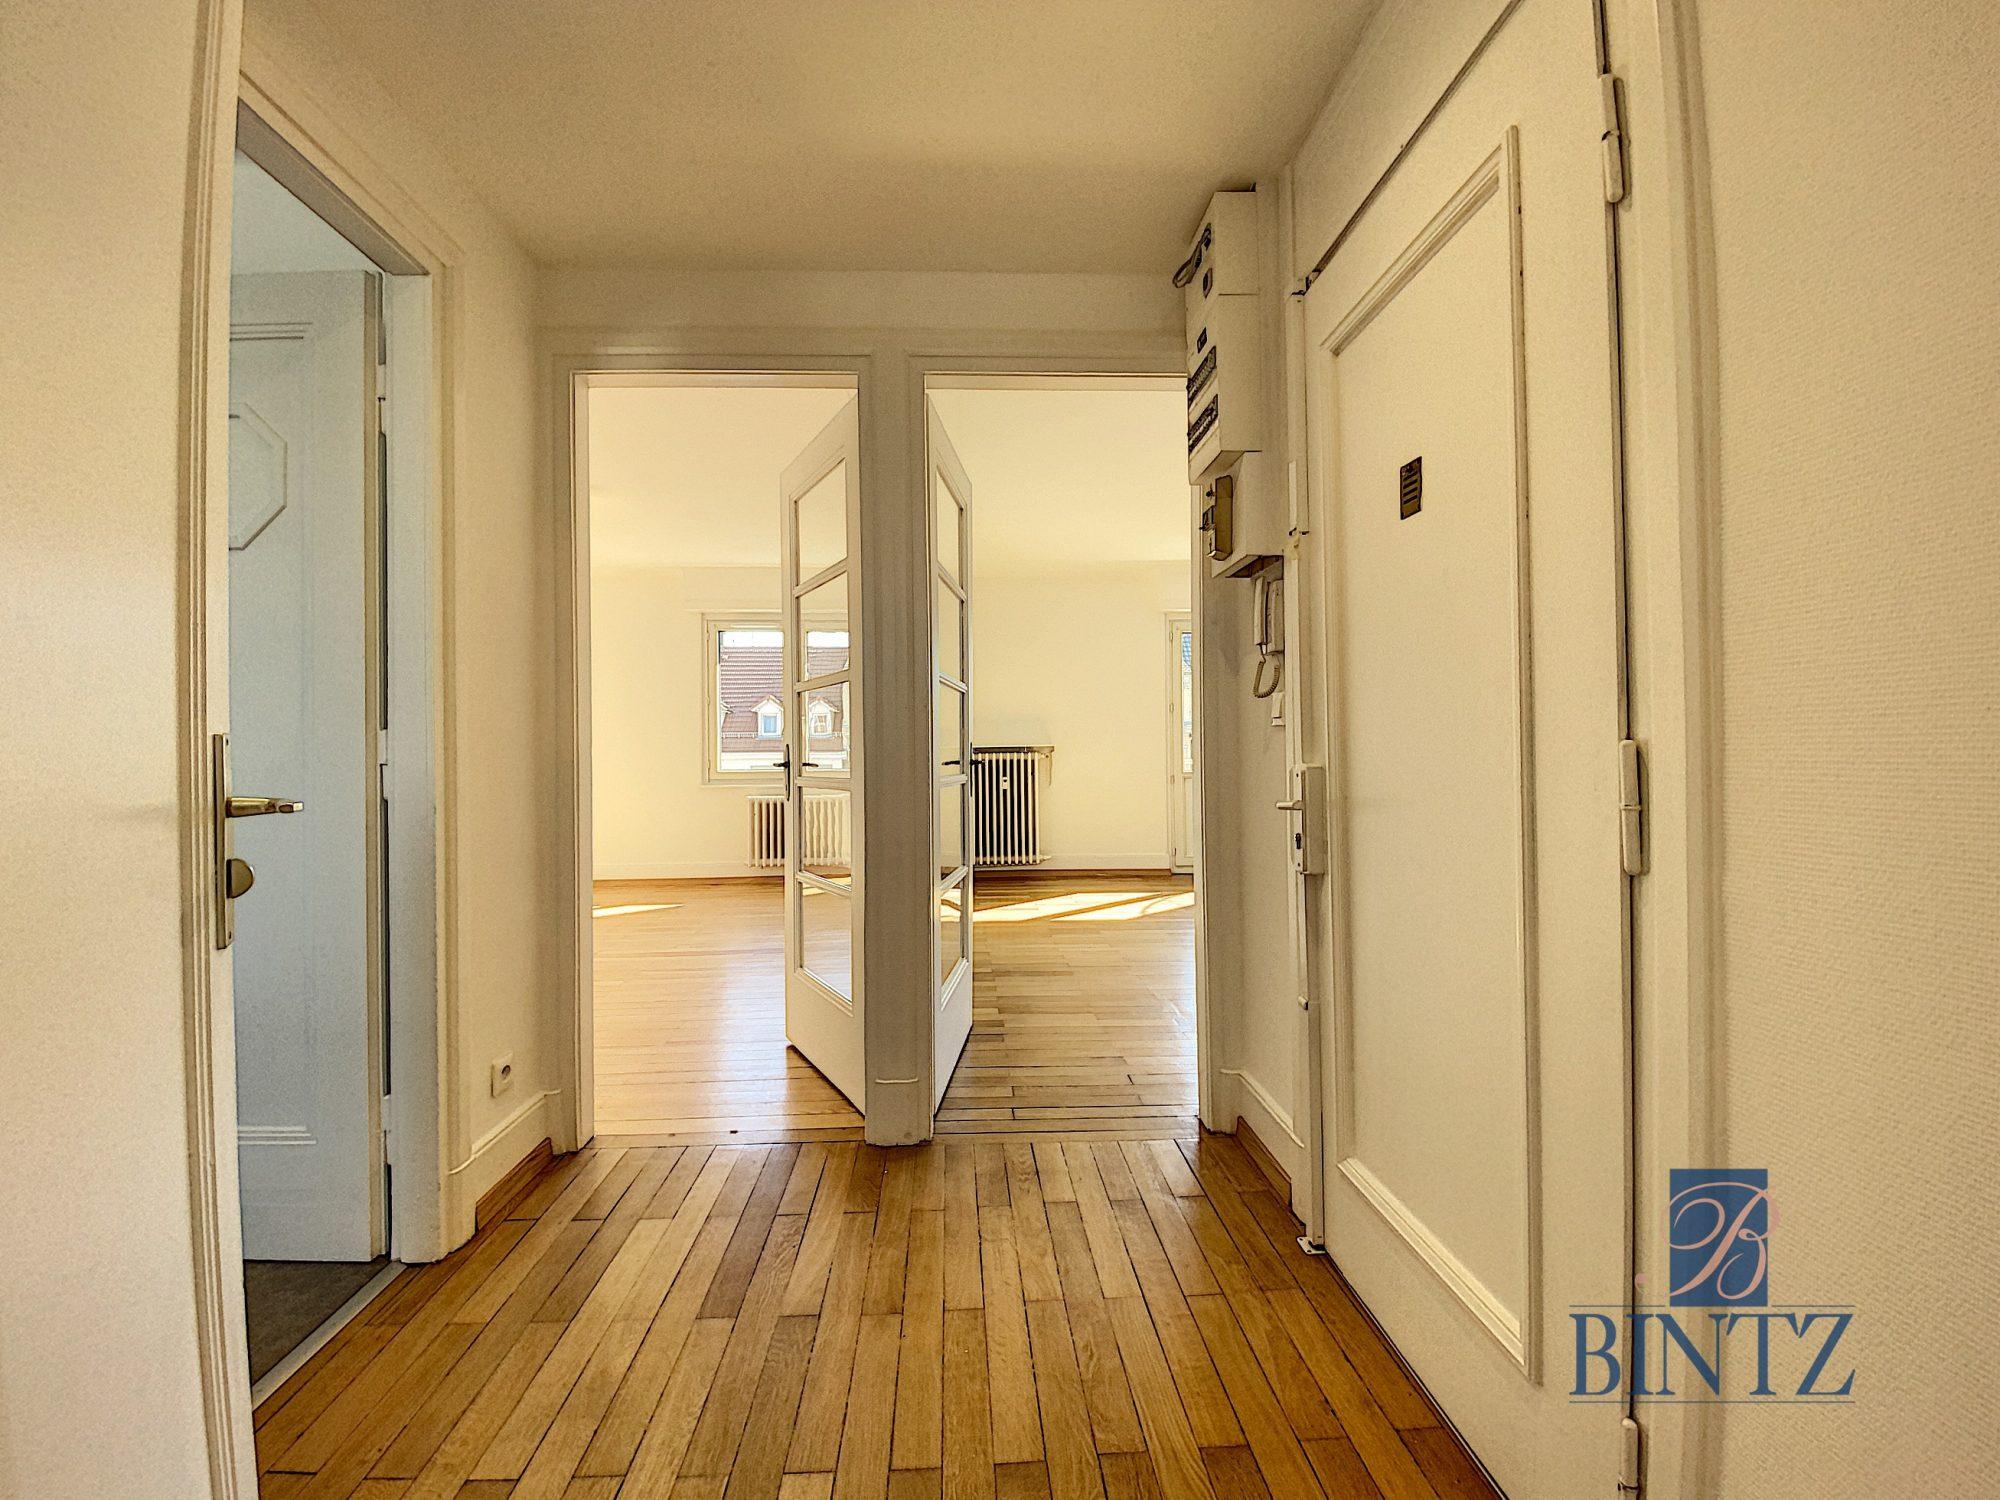 2 PIECES REFAIT A NEUF - Devenez locataire en toute sérénité - Bintz Immobilier - 3